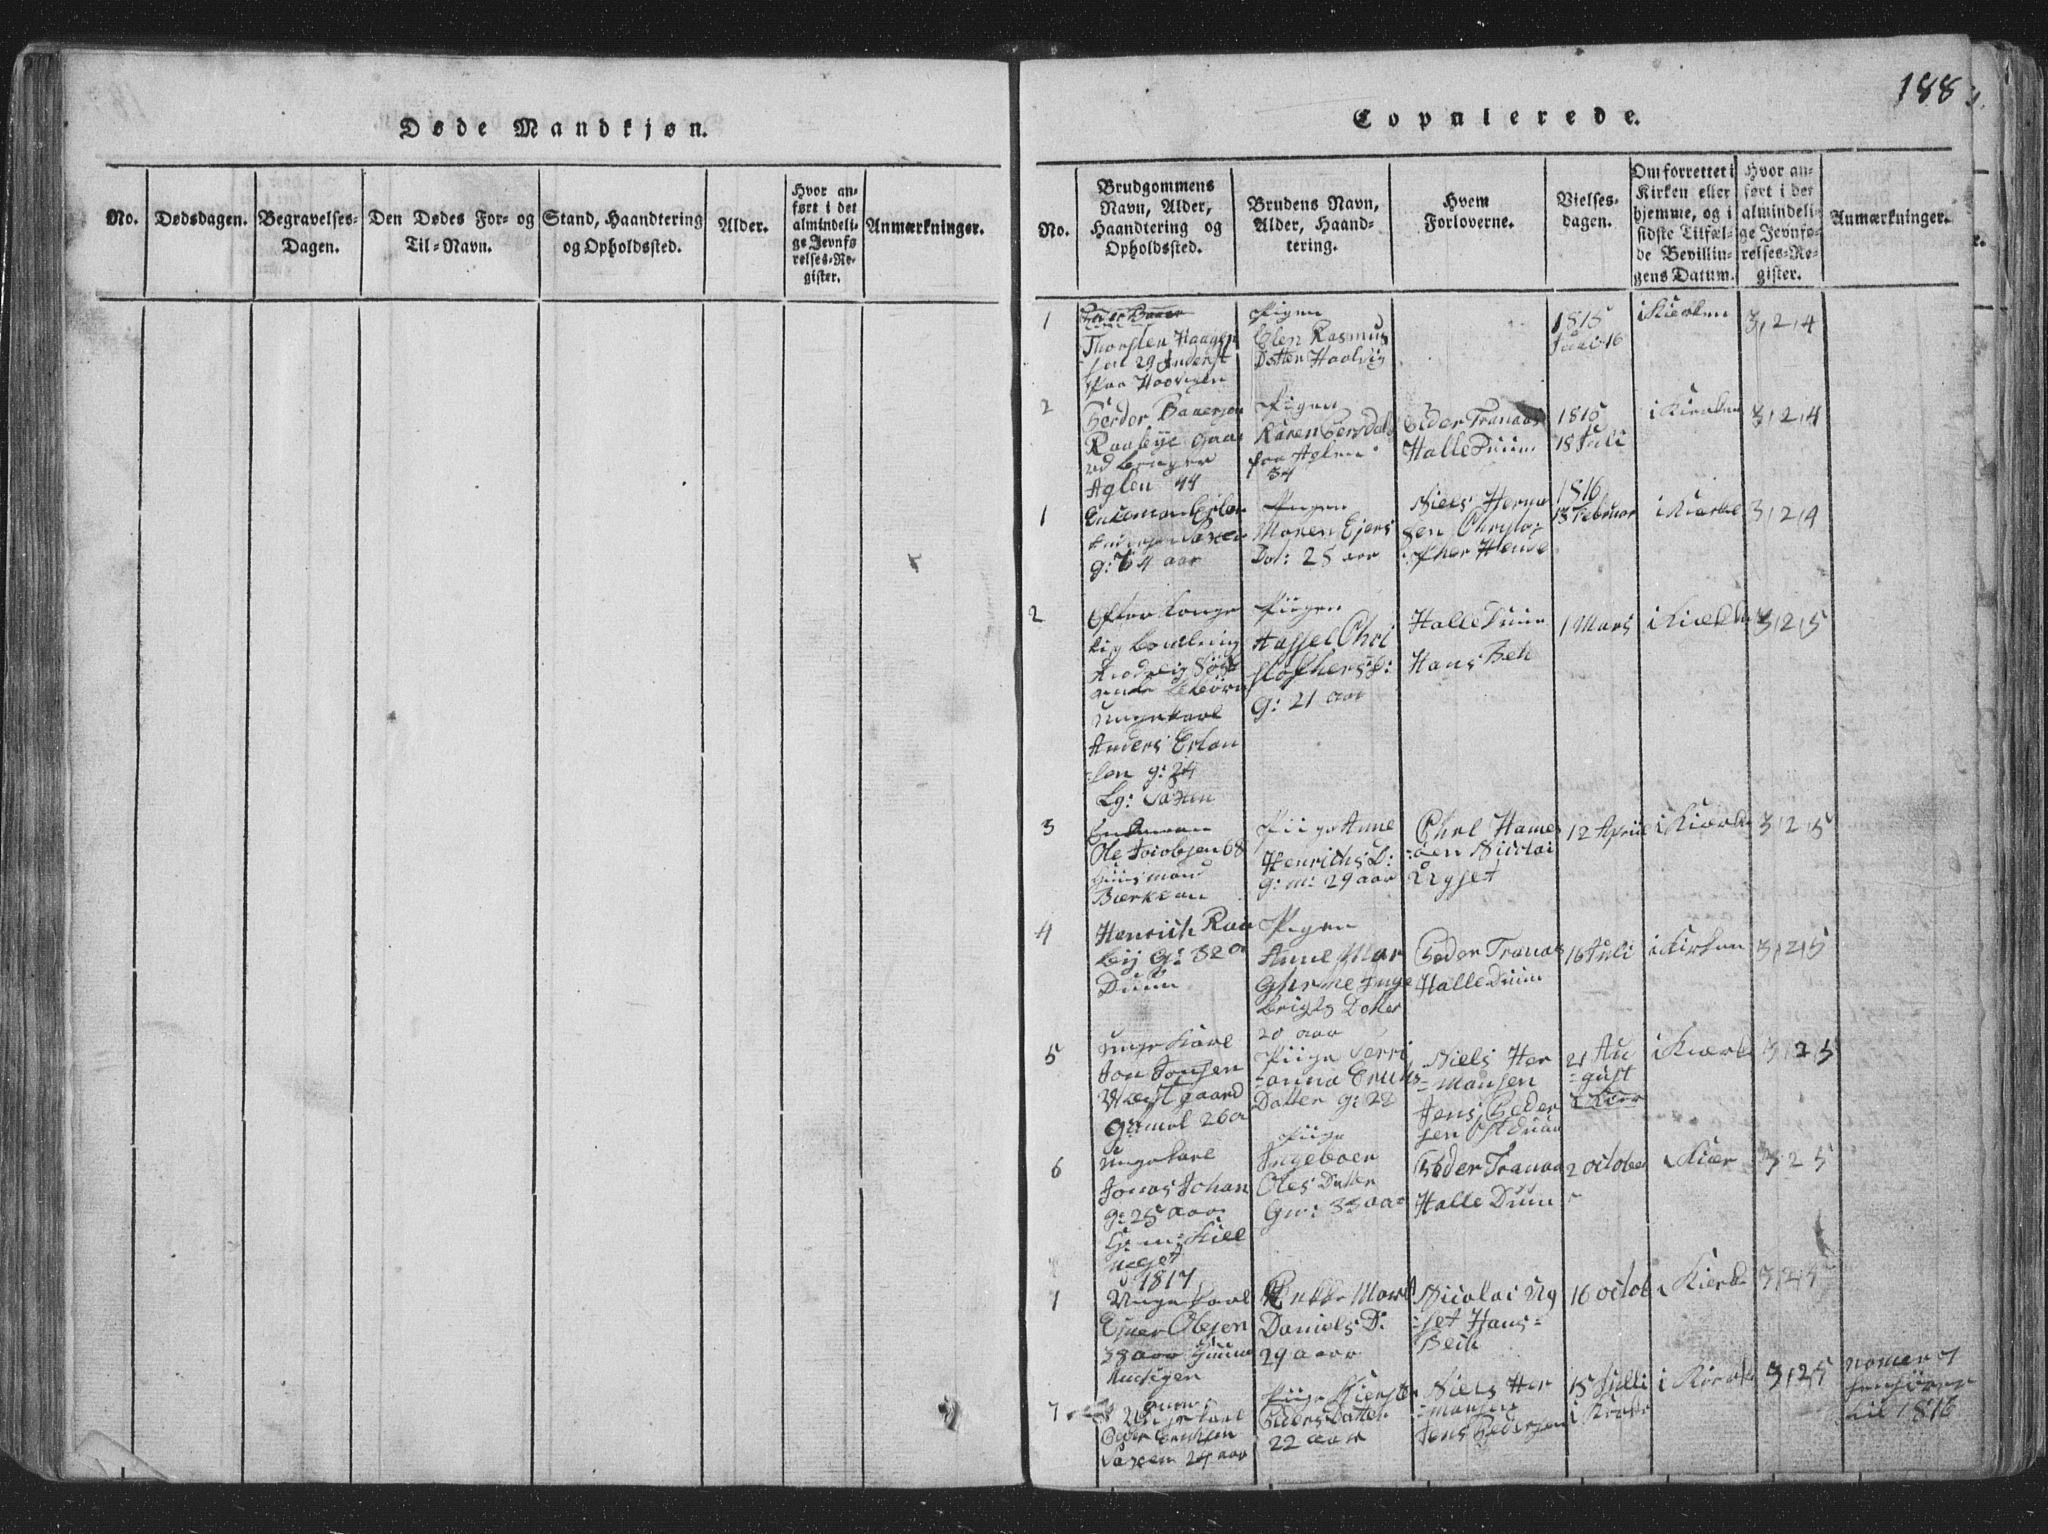 SAT, Ministerialprotokoller, klokkerbøker og fødselsregistre - Nord-Trøndelag, 773/L0613: Ministerialbok nr. 773A04, 1815-1845, s. 188